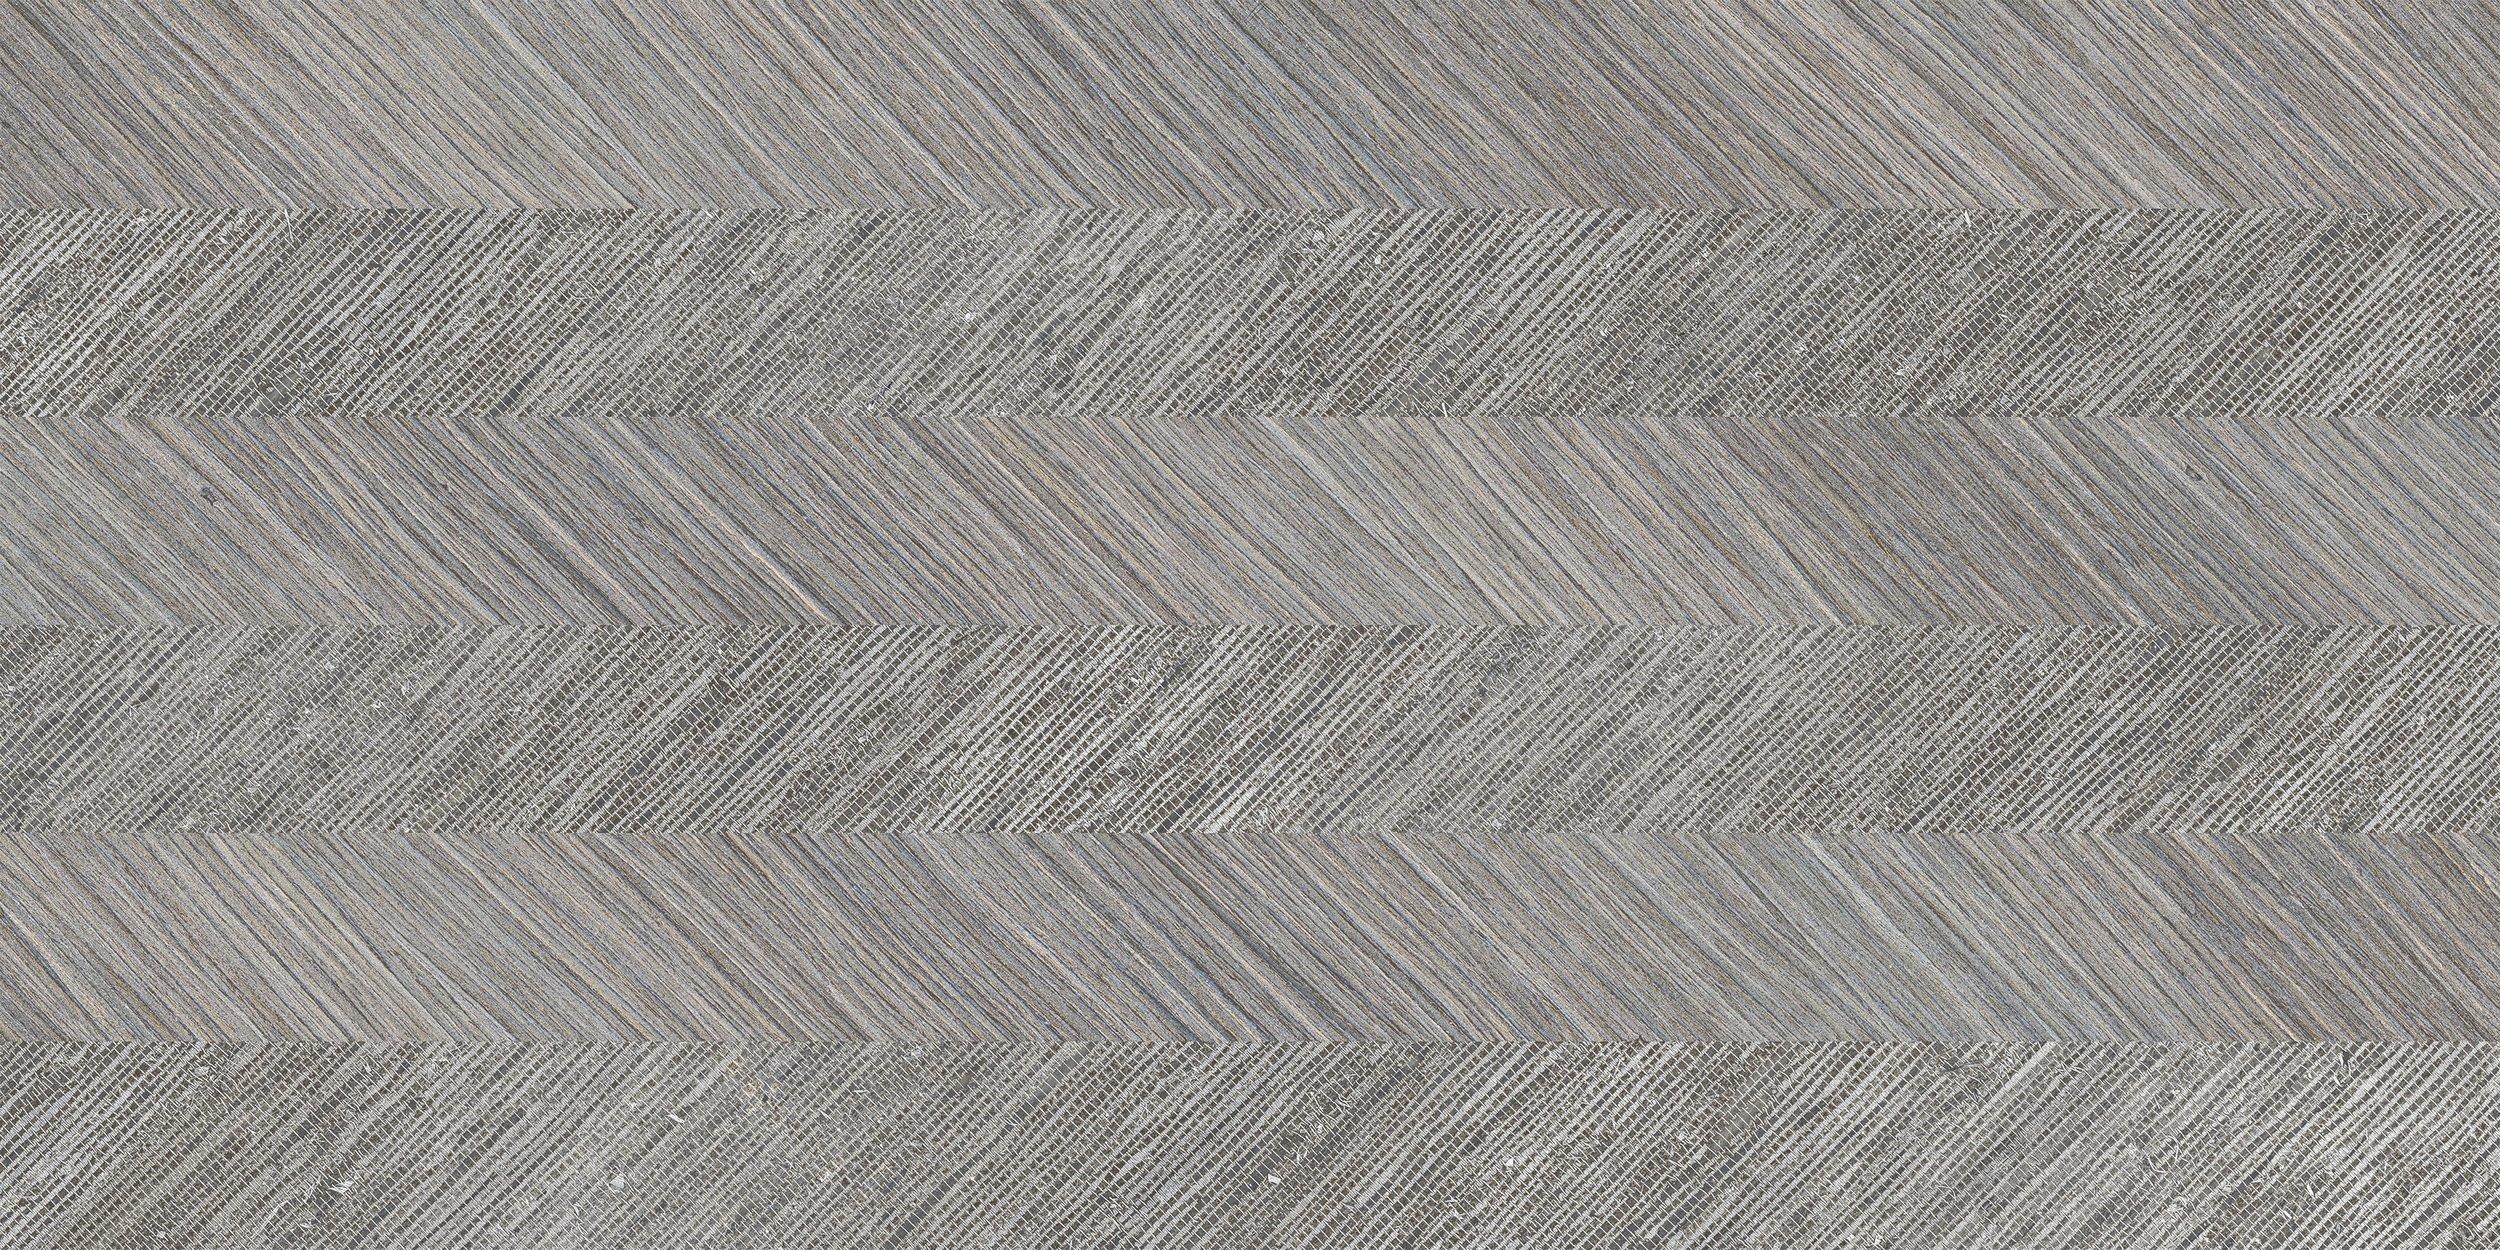 Bali Sawan Cloudy Rect 45x90 cm   Floor & Wall tile/ Porcelain / Matt/ V2